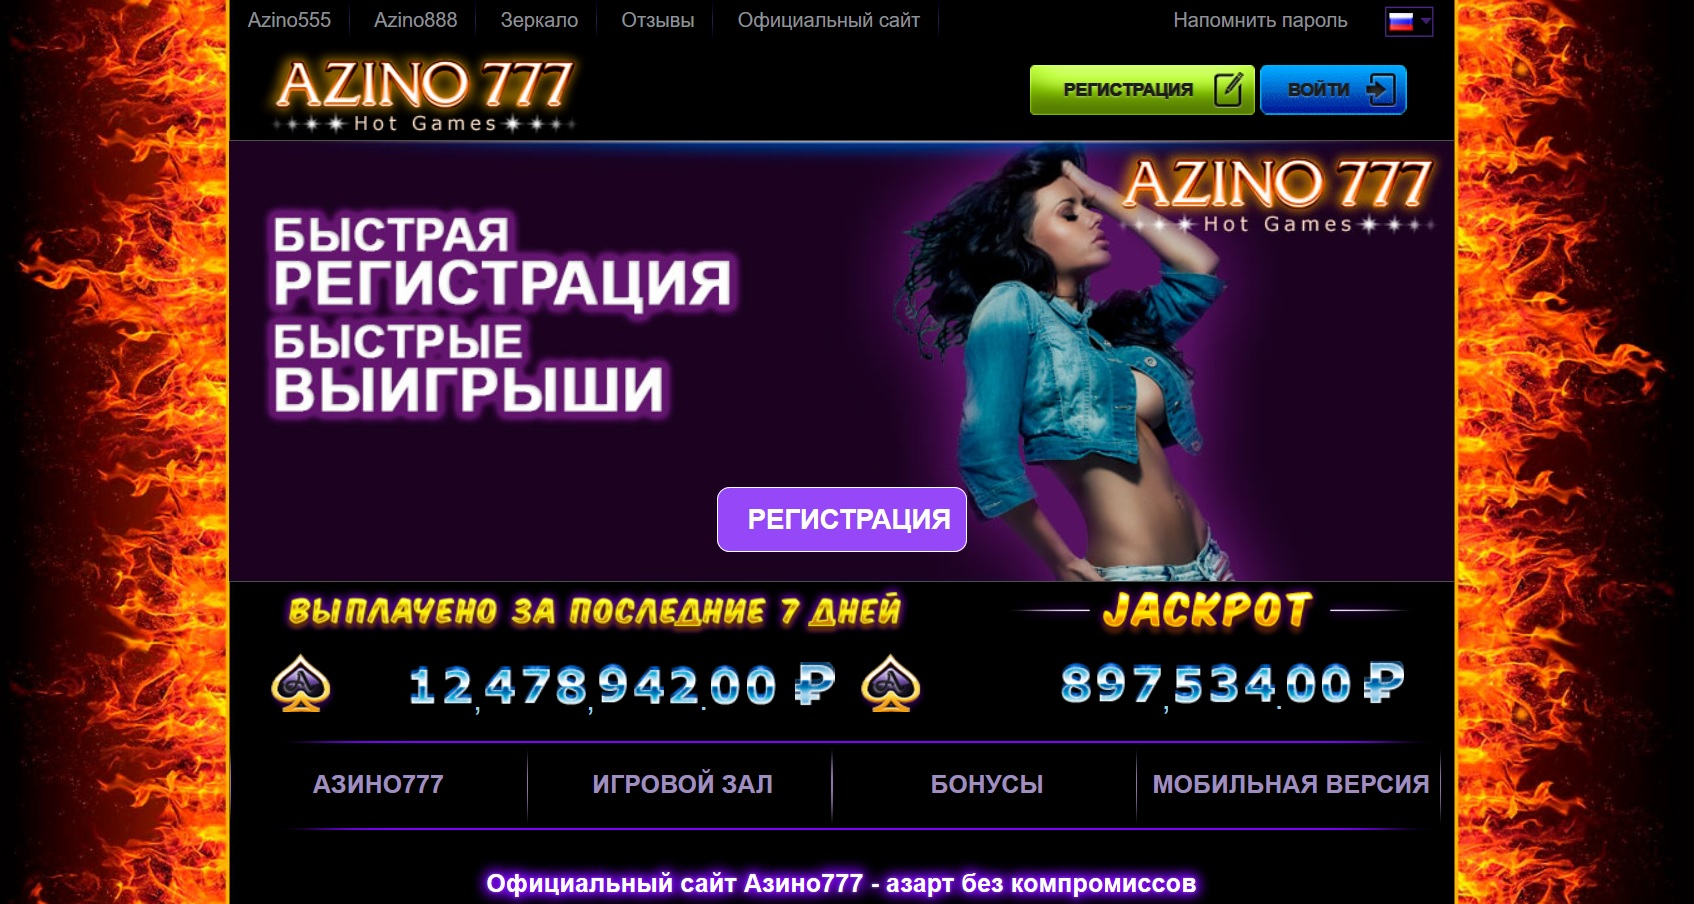 азино 777 официальный сайт игры